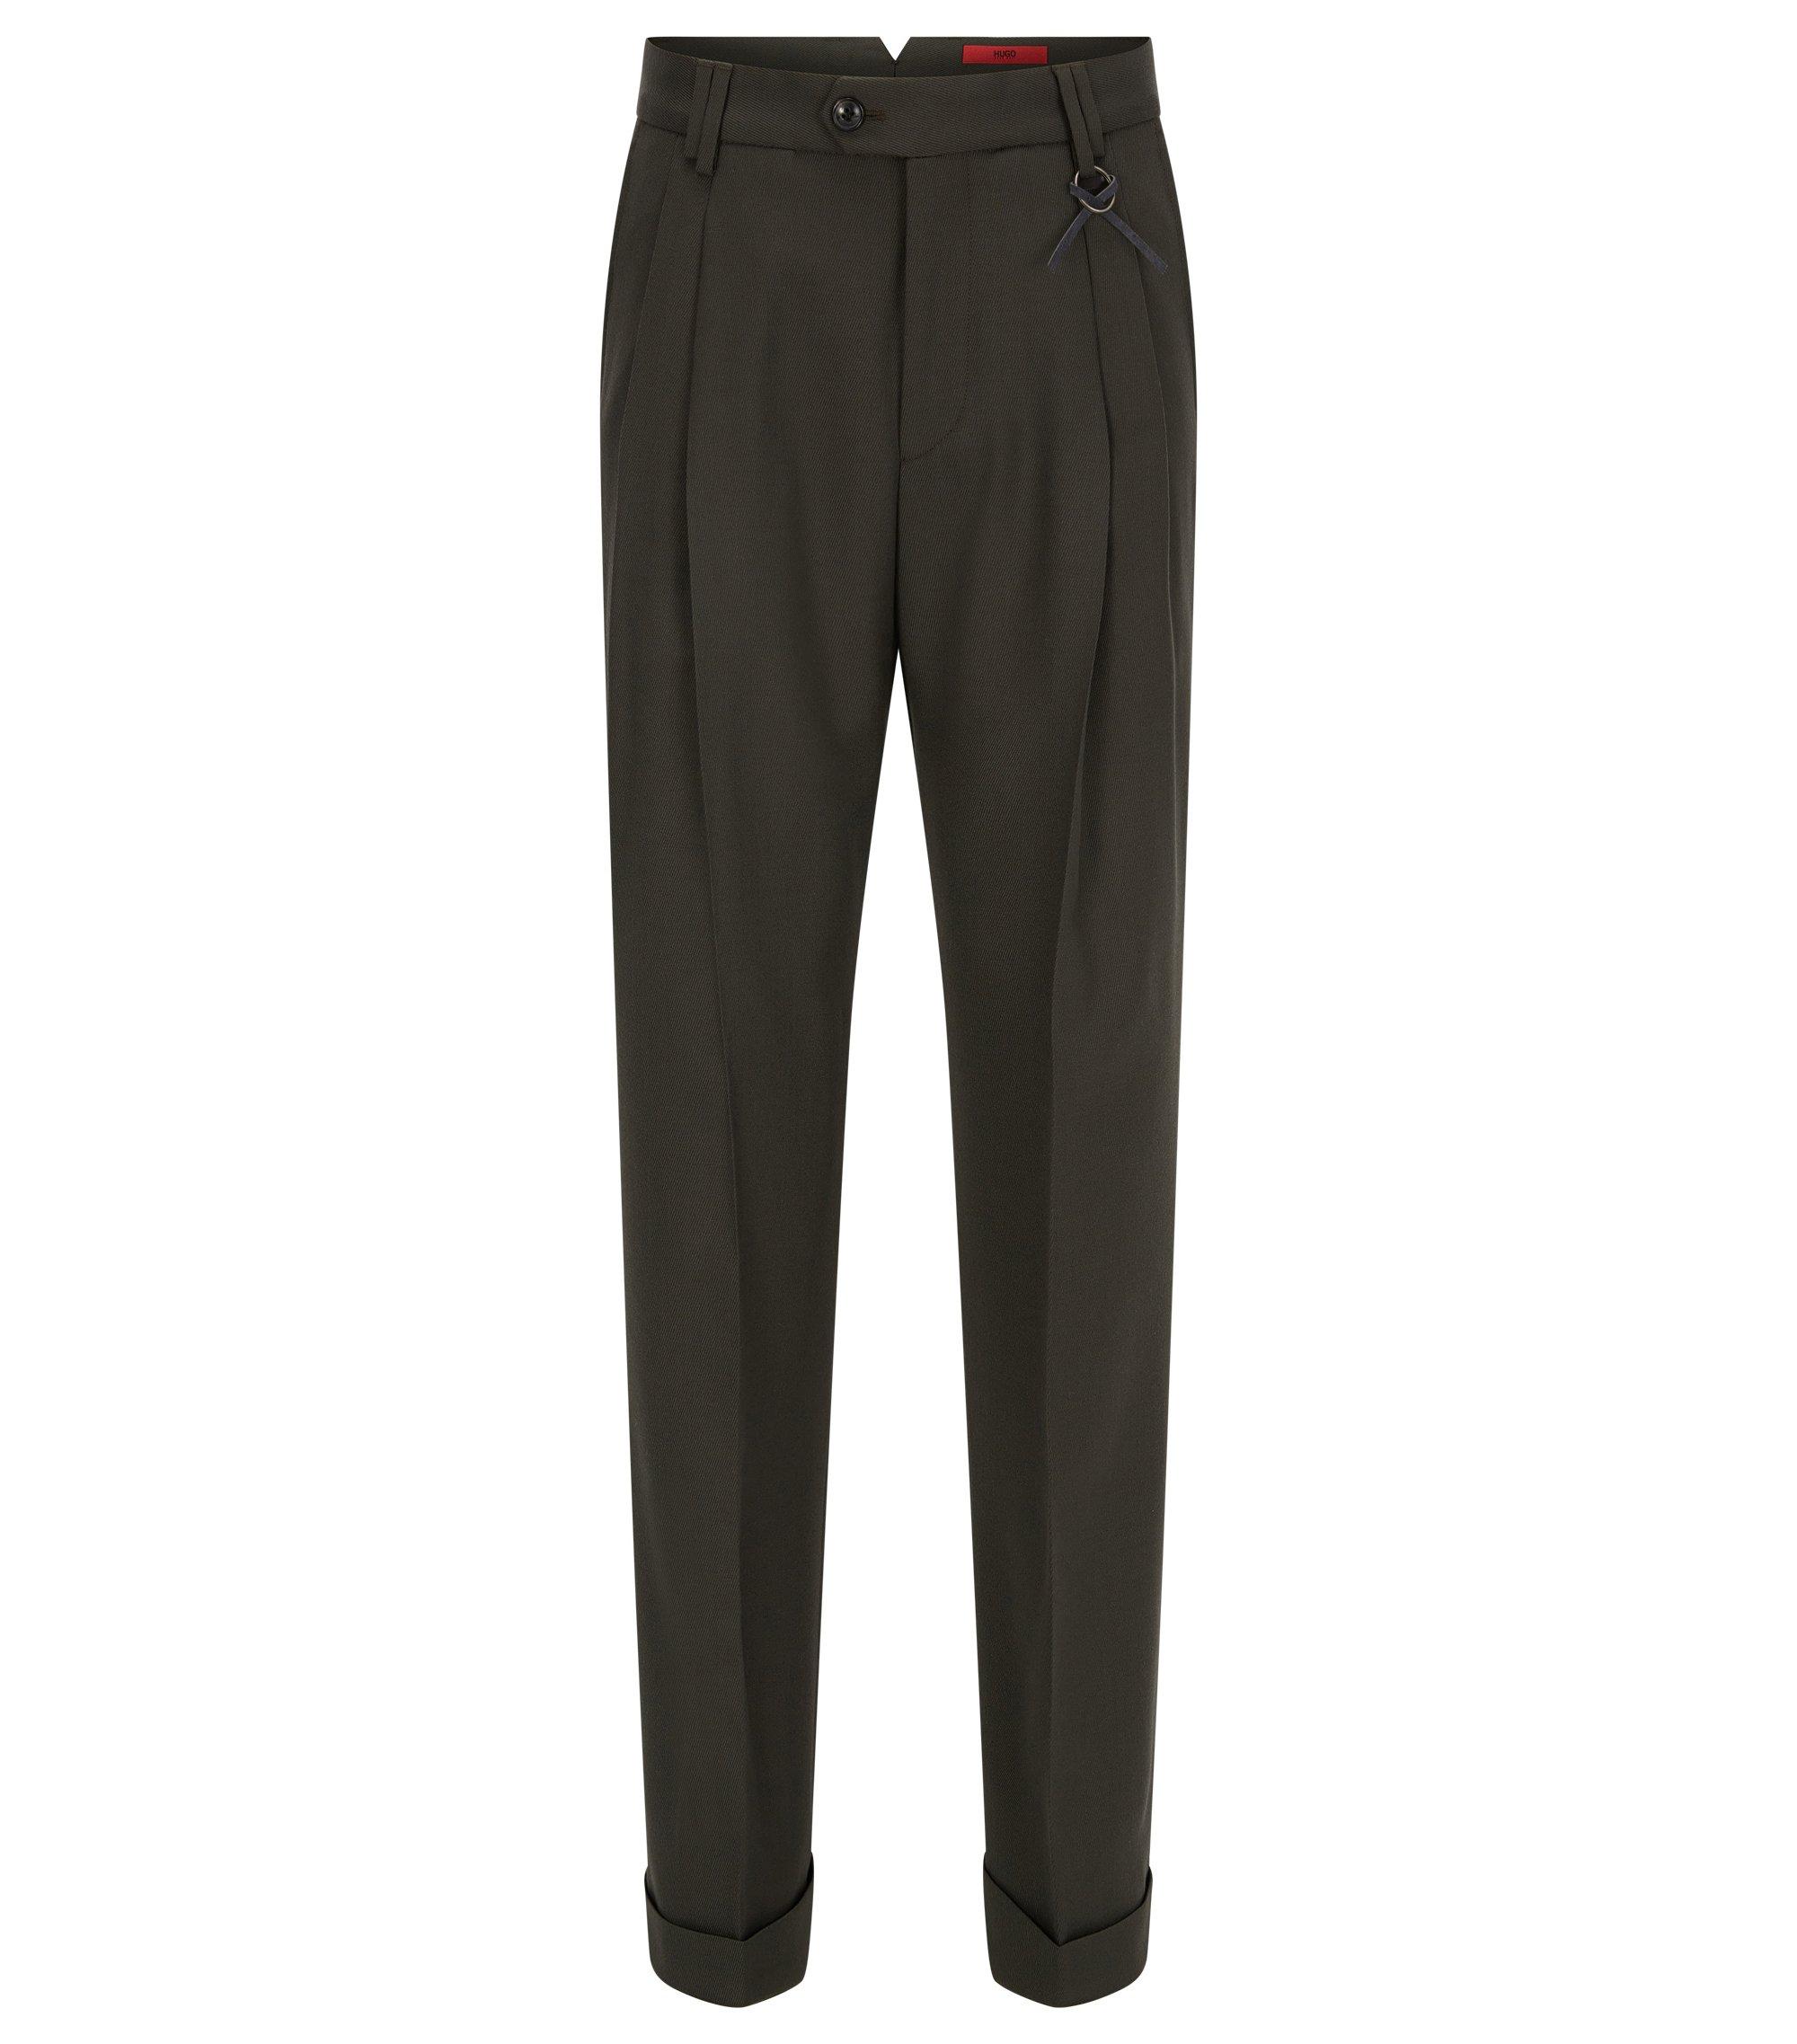 Relaxed-Fit Hose aus elastischem Woll-Mix, Dunkelgrün